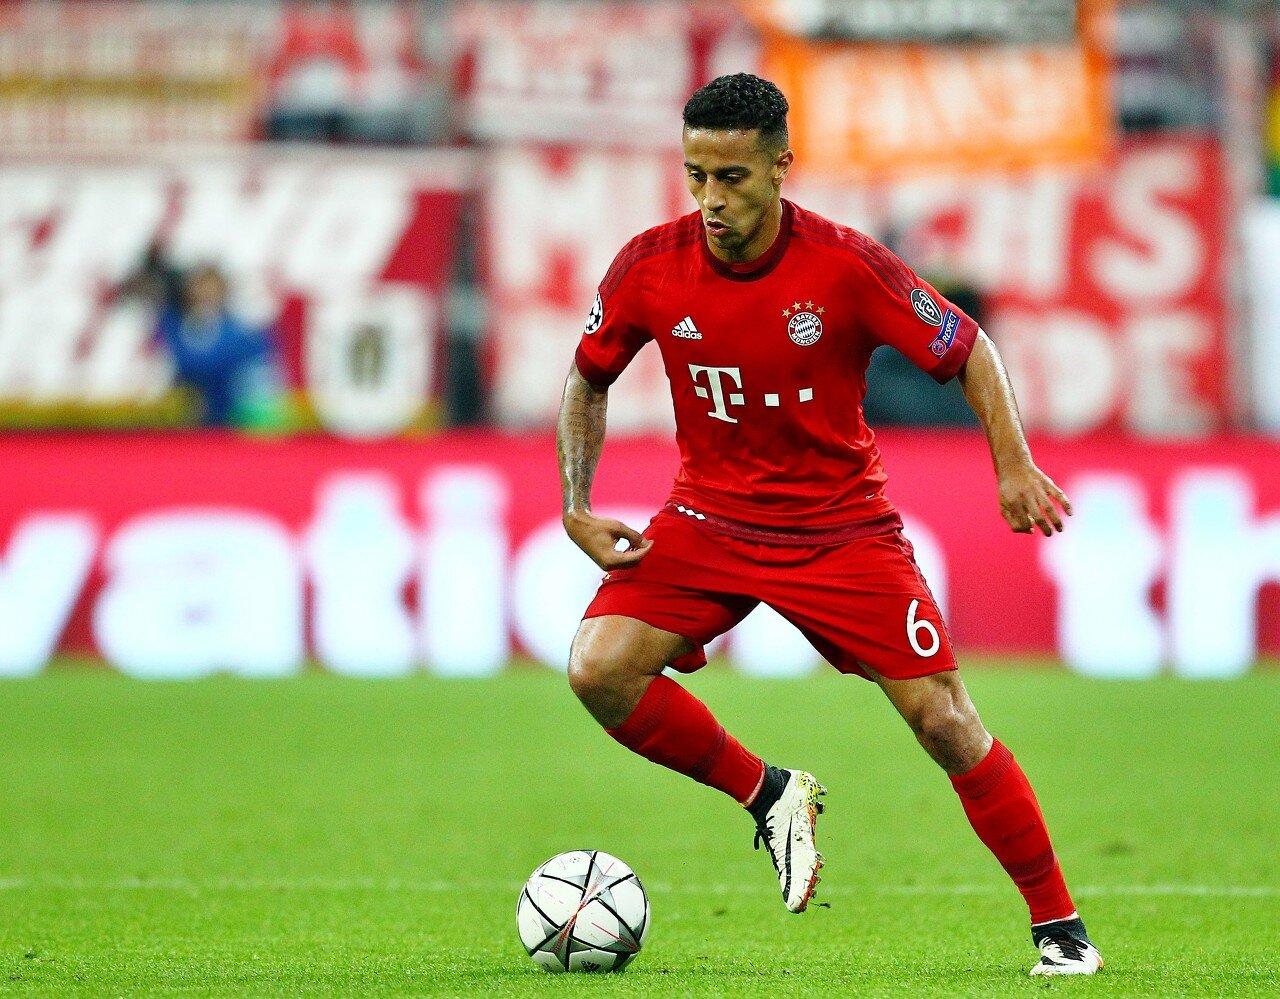 蒂亚戈:不怕在球场上犯错 我很喜欢德国的生活